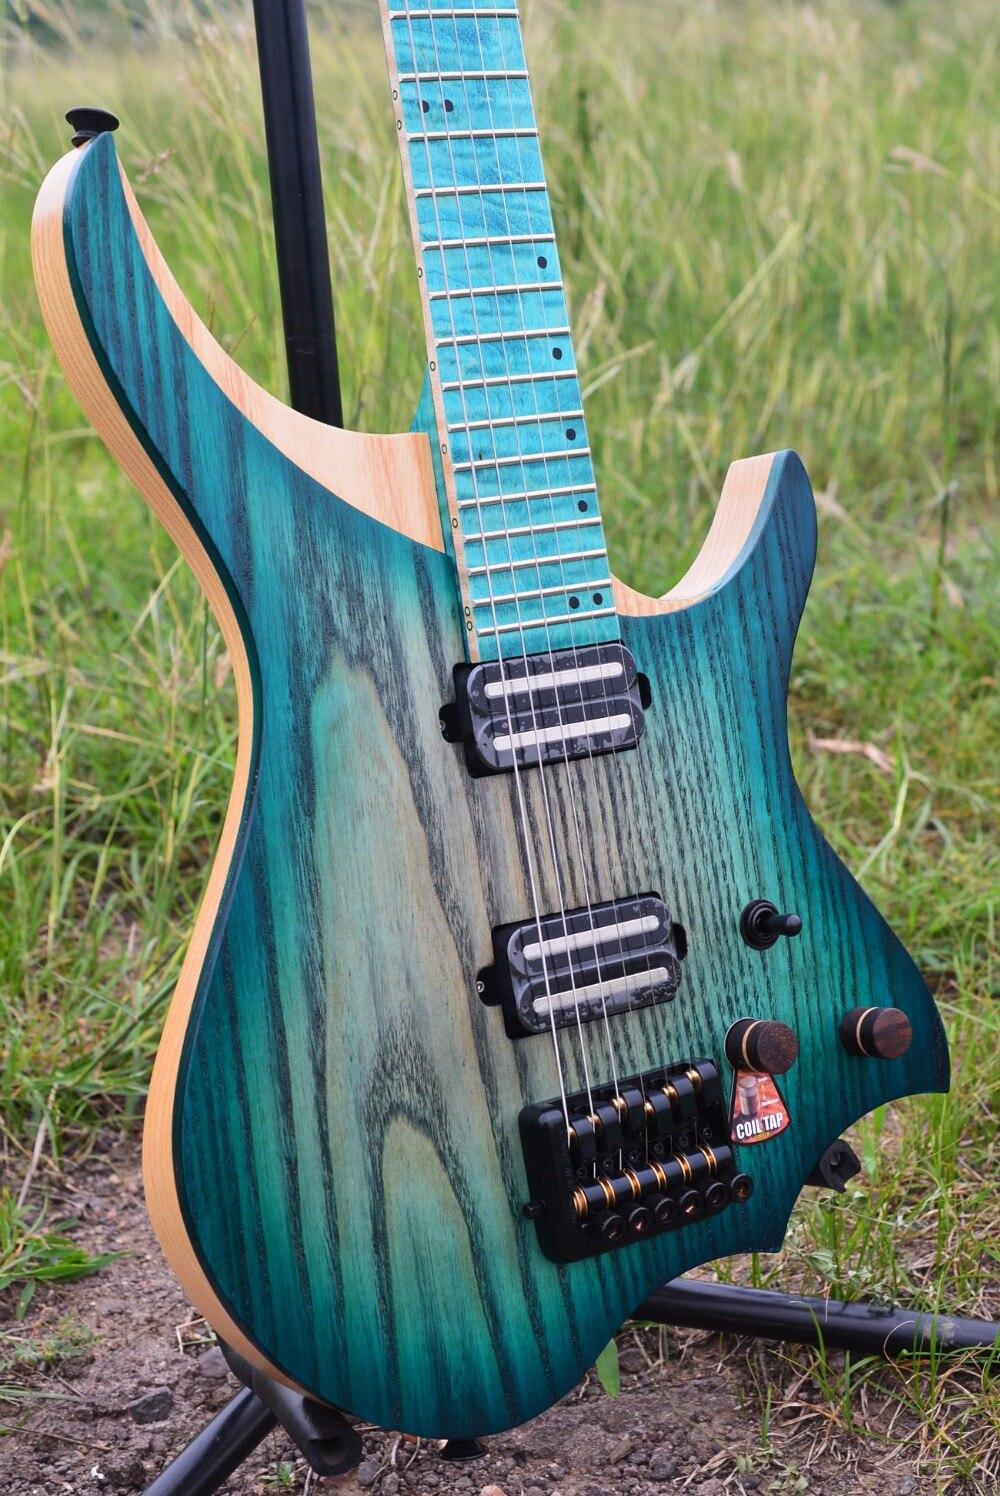 NK guitarra eléctrica sin cabeza estilo steeberger modelo azul explosión Color llama maple cuello en stock guitarra envío gratis